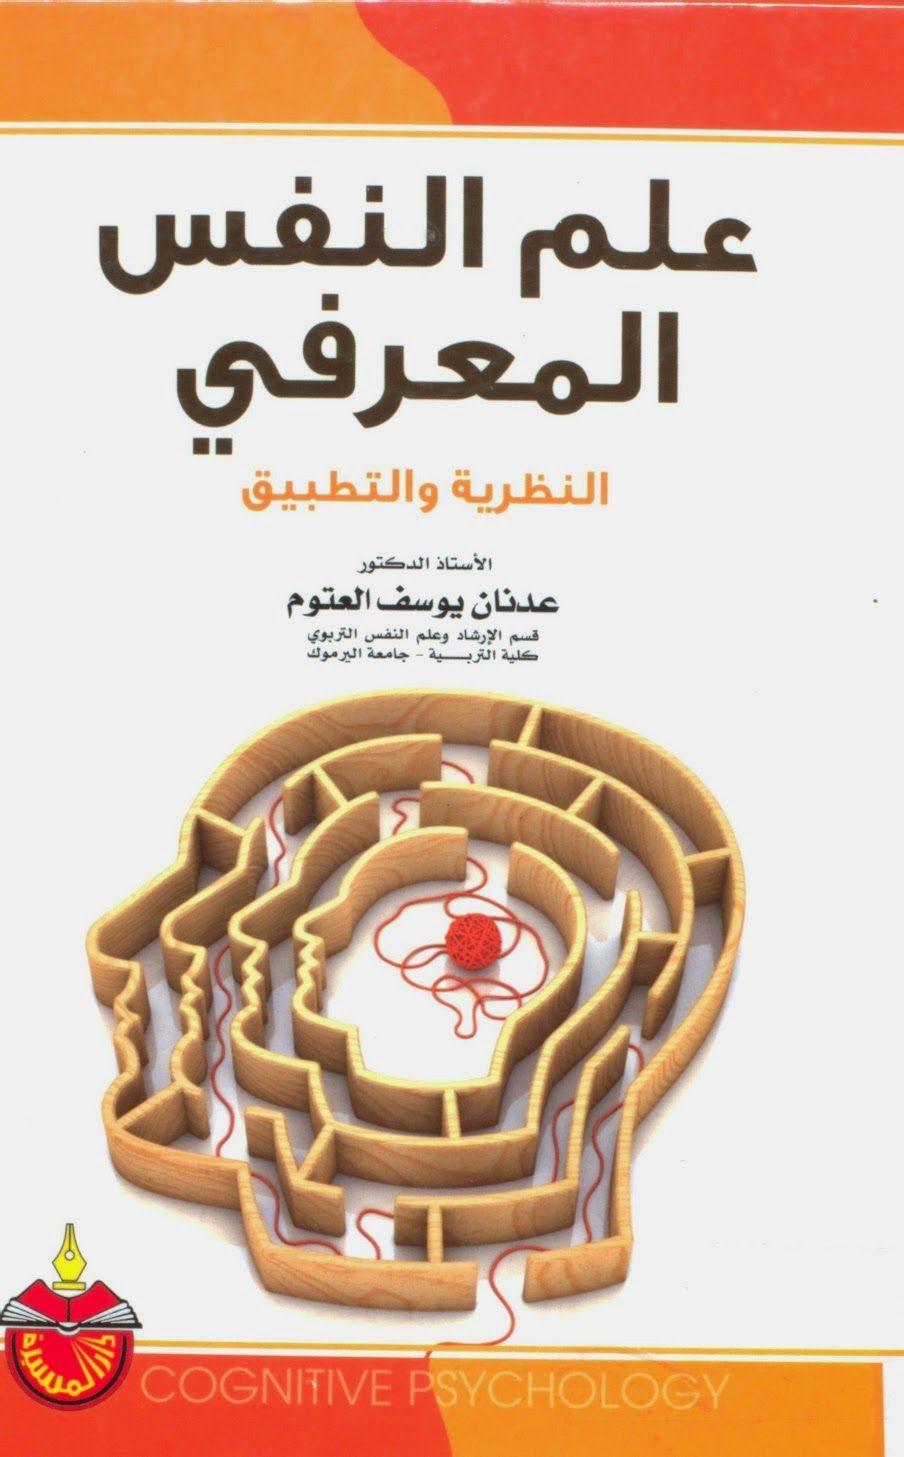 علم النفس المعرفي النظرية والتطبيق Philosophy Books Ebooks Free Books Book Qoutes